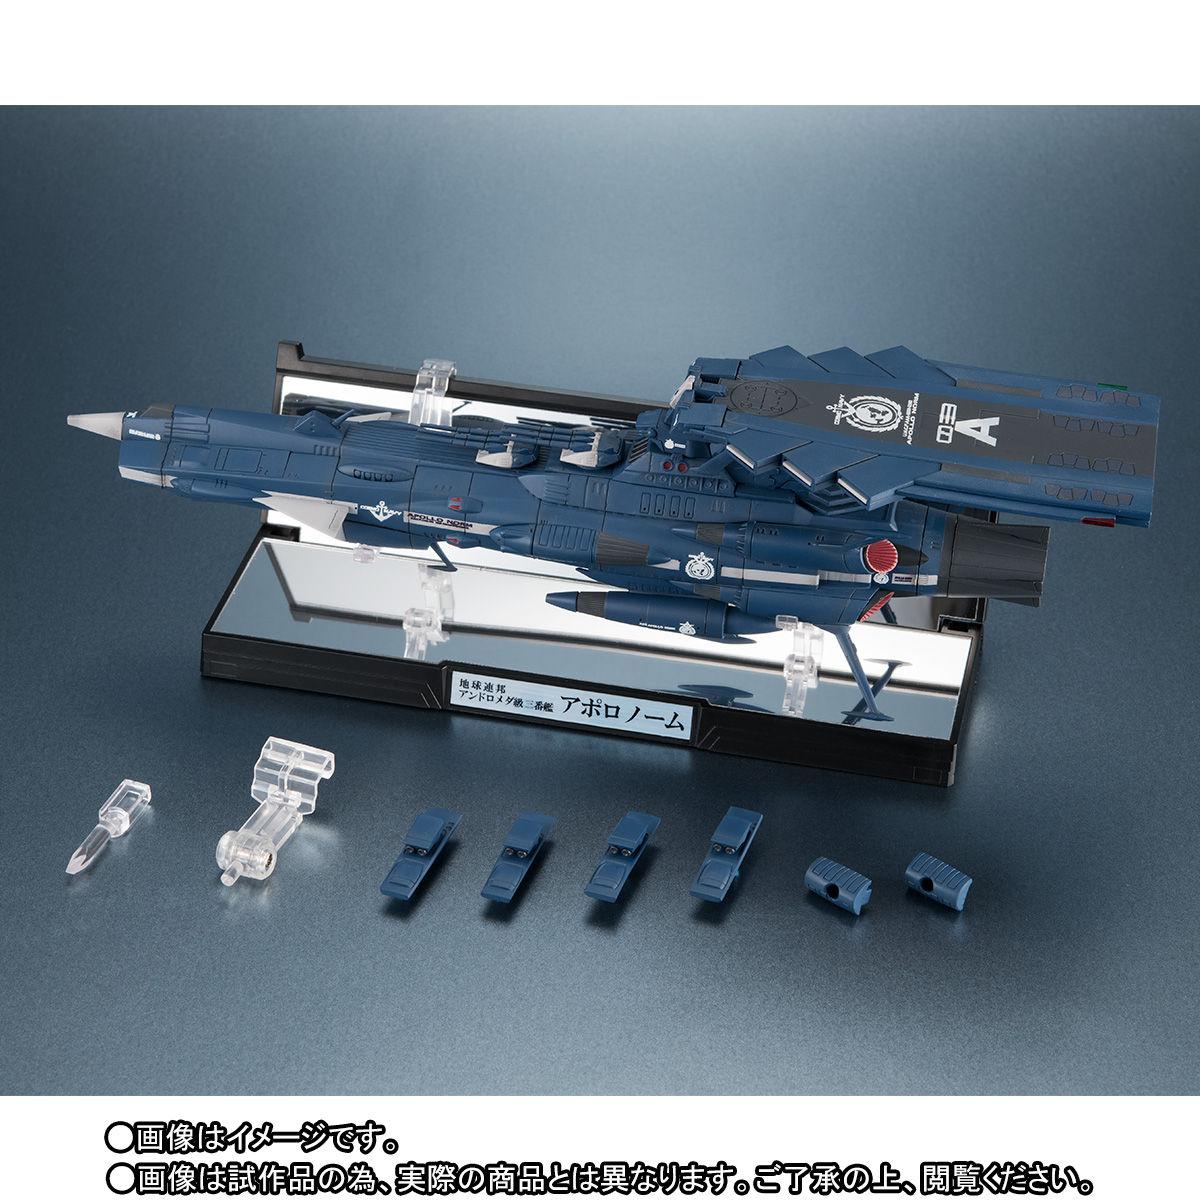 輝艦大全『地球連邦アンドロメダ級三番艦 アポロノーム|宇宙戦艦ヤマト2202』1/2000 完成品モデル-007